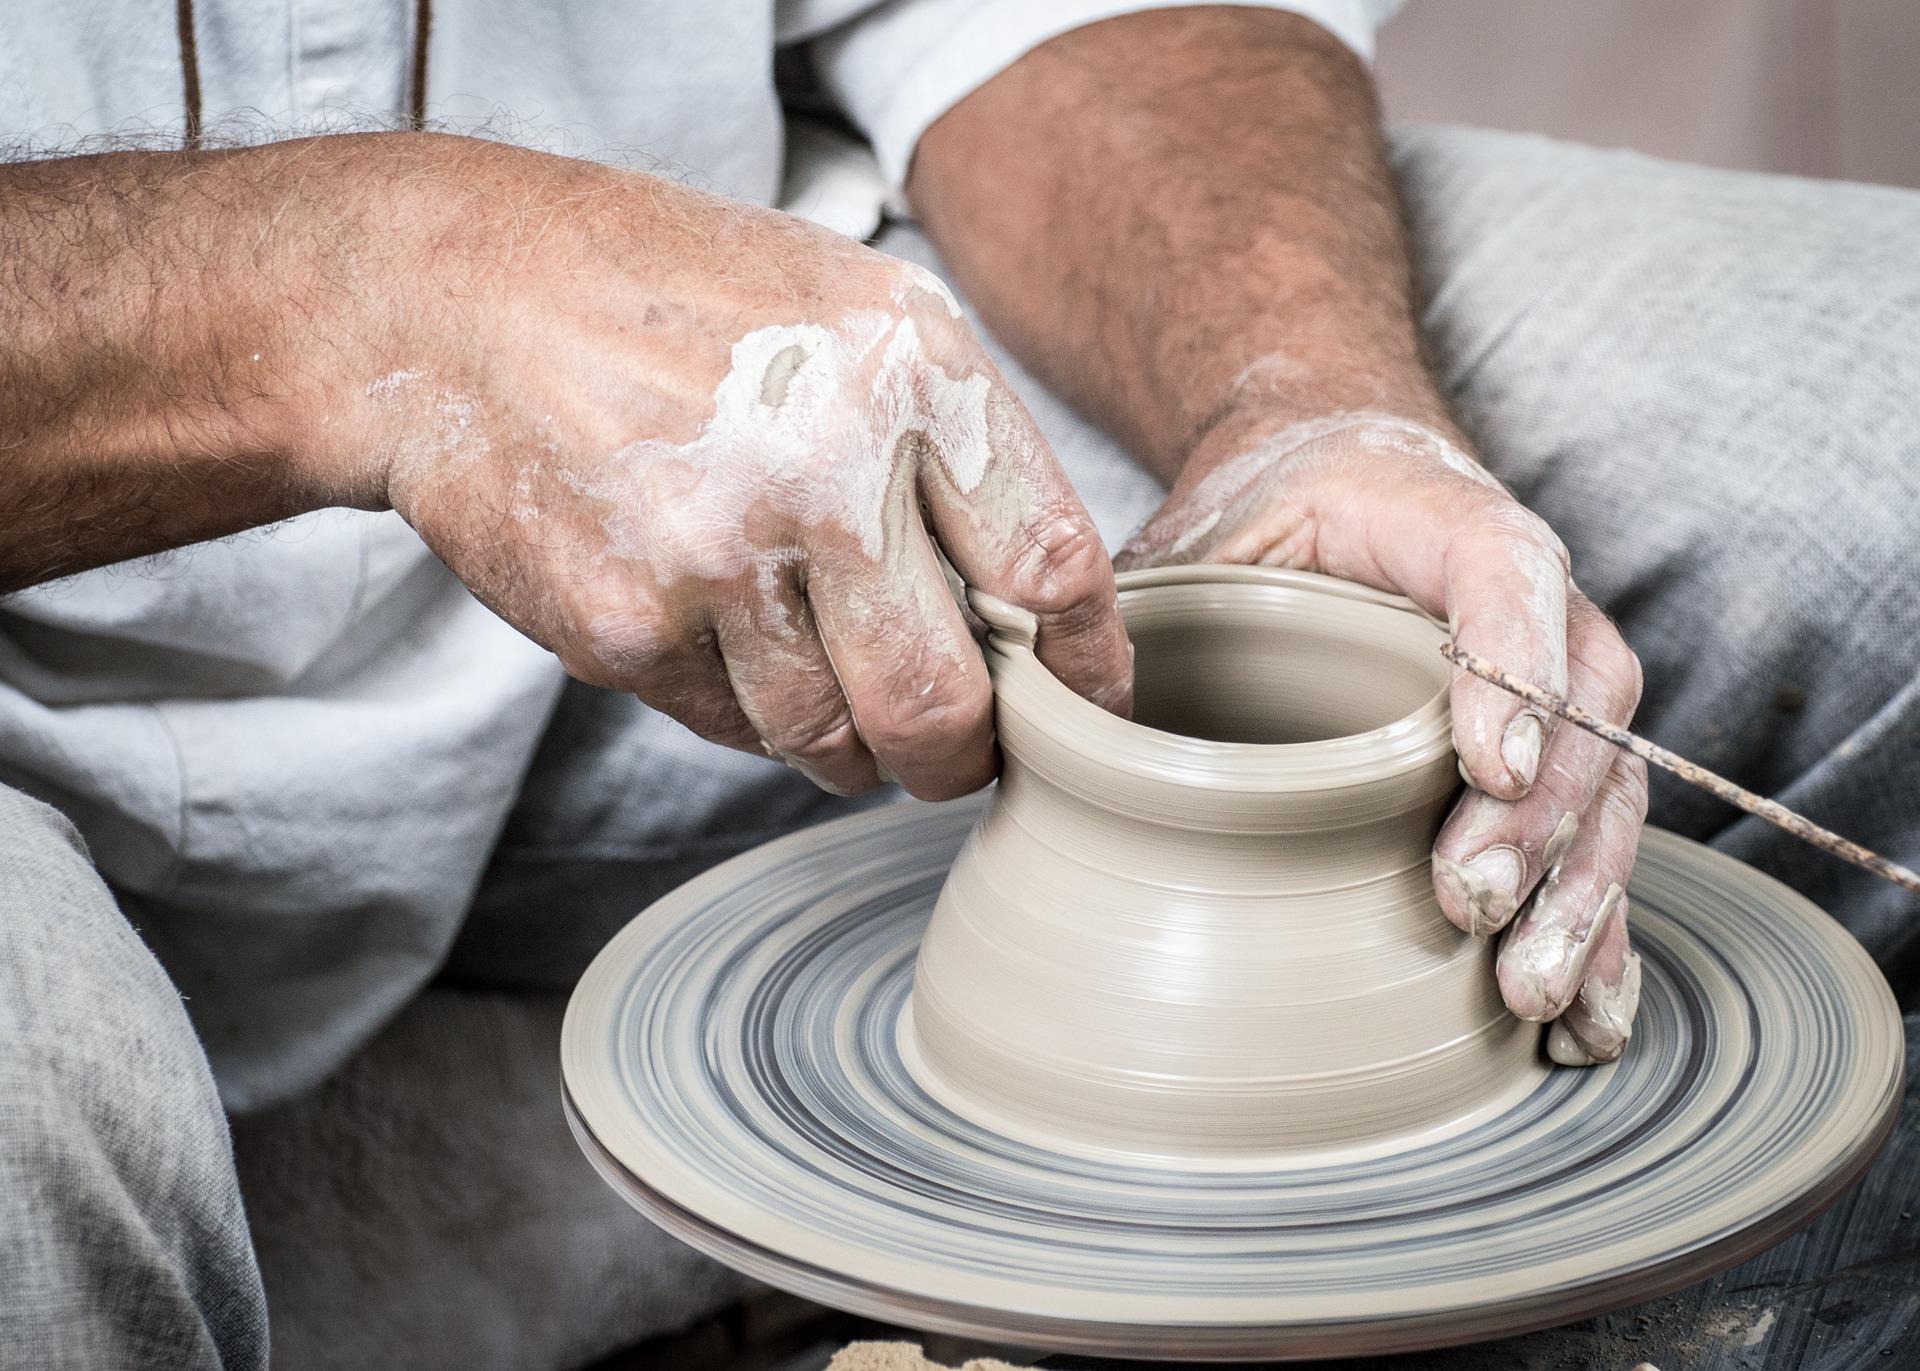 Noron la poterie, village de potiers Isigny Omaha ©pixabay